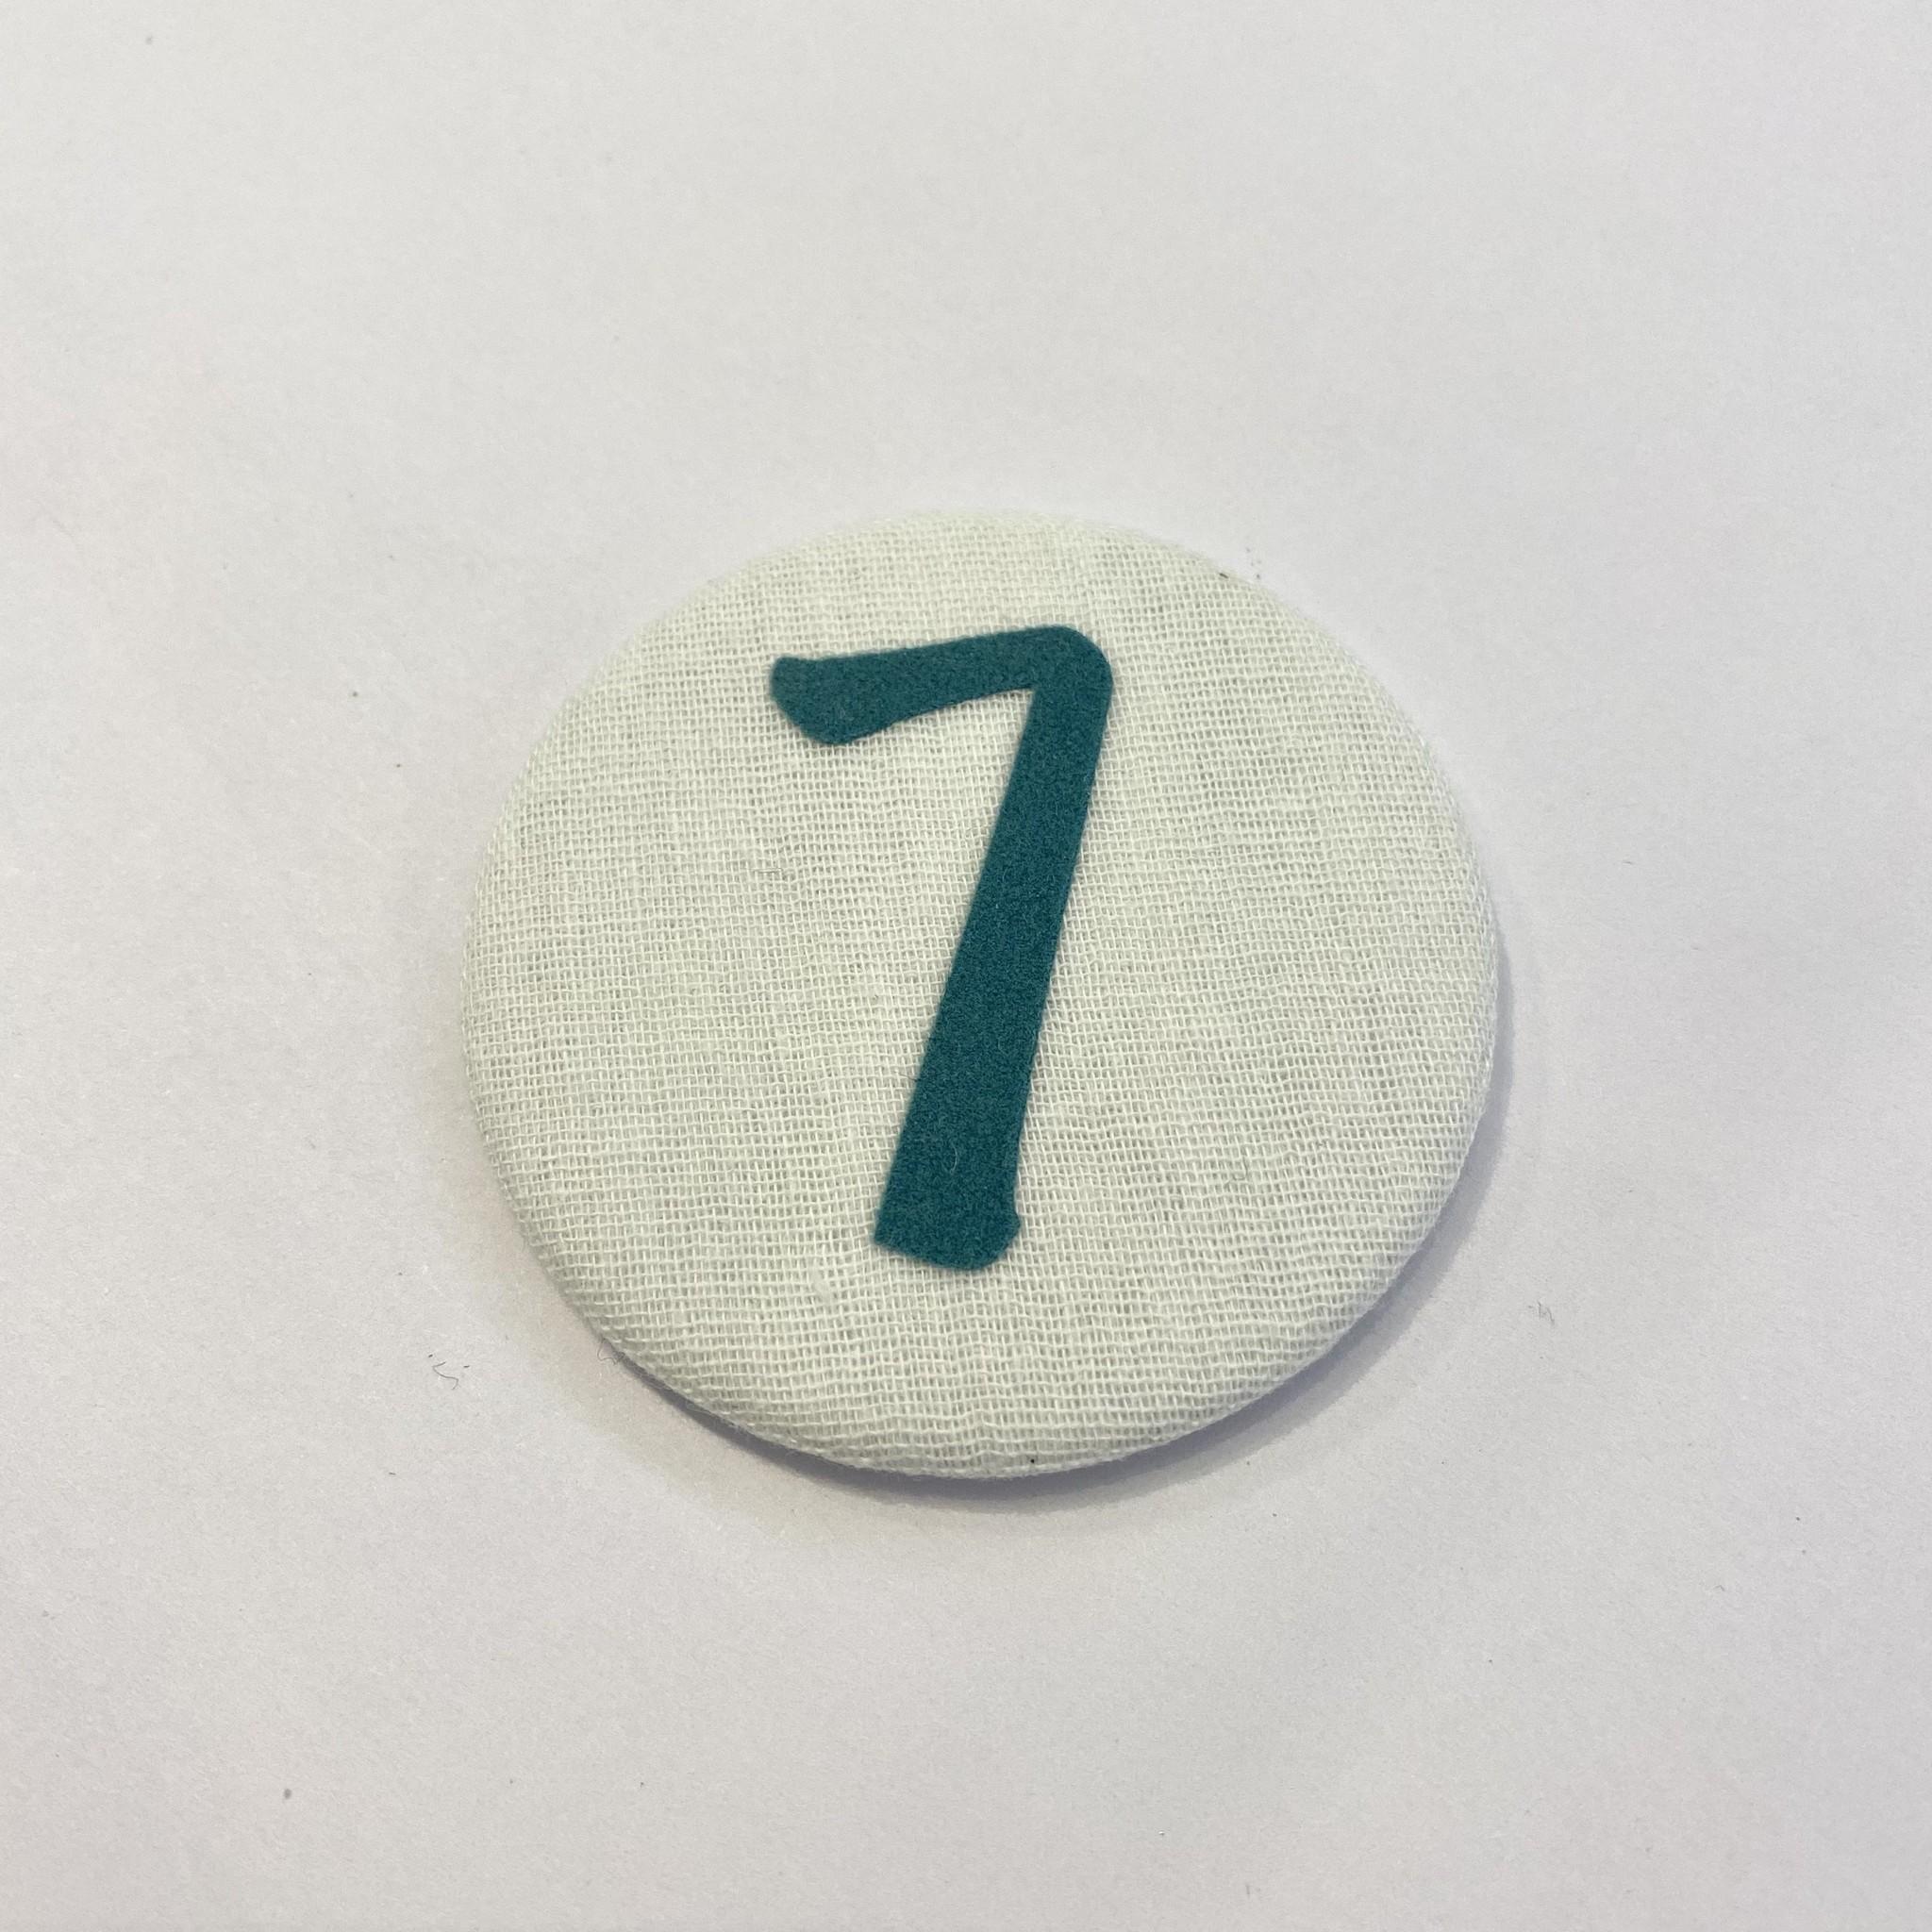 Cijferknop 7 Groen - Liezelijn-1